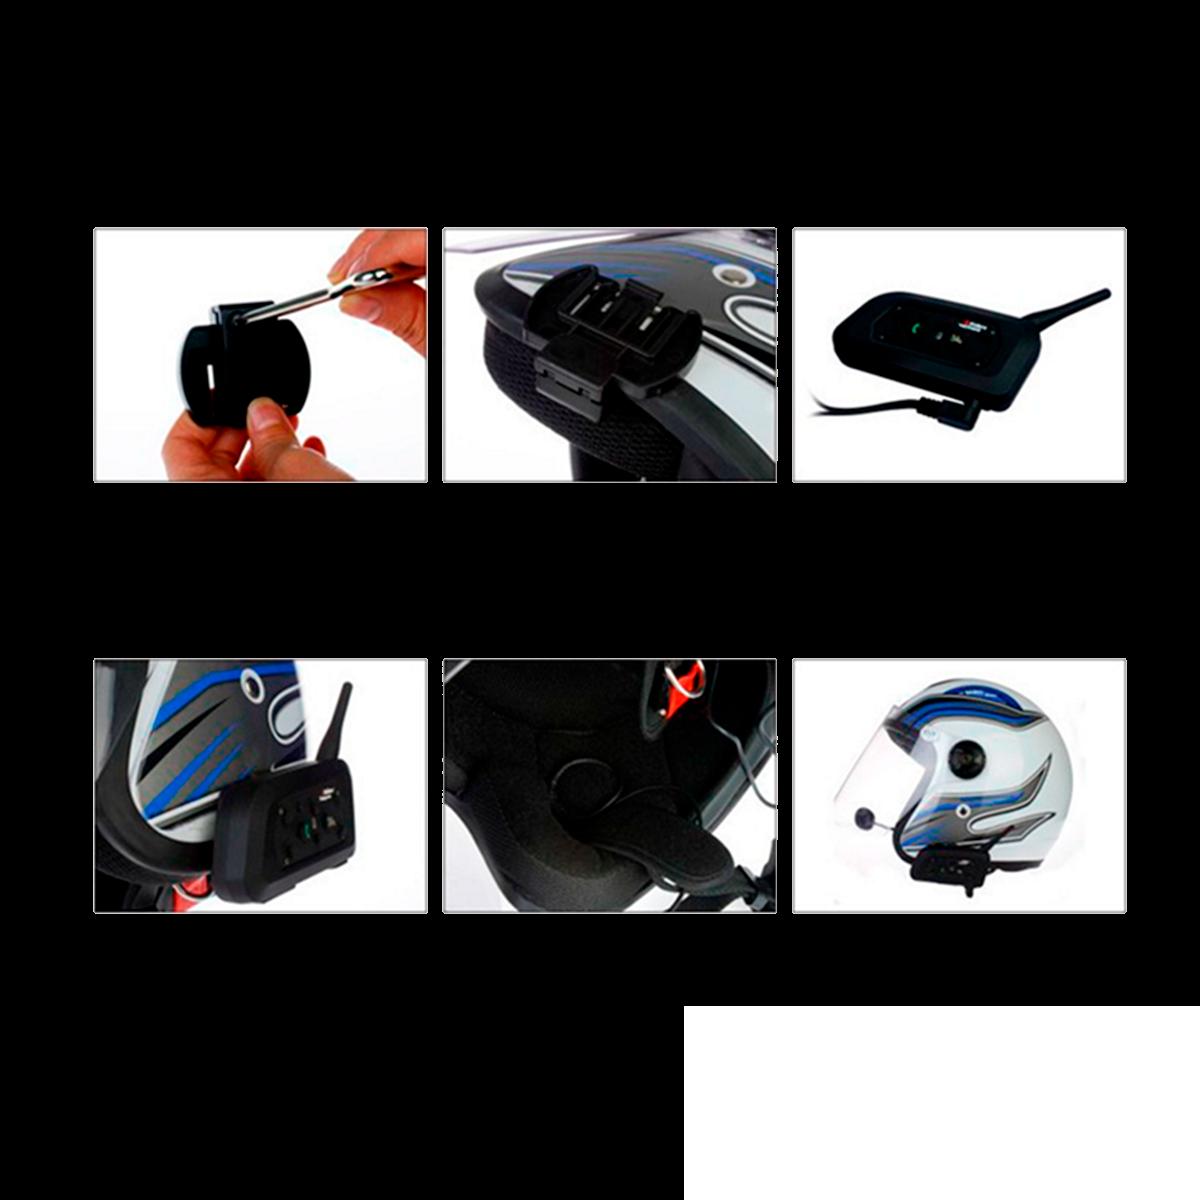 Intercomunicador Bluetooth V6-1200 x2 - Manos libres para moto